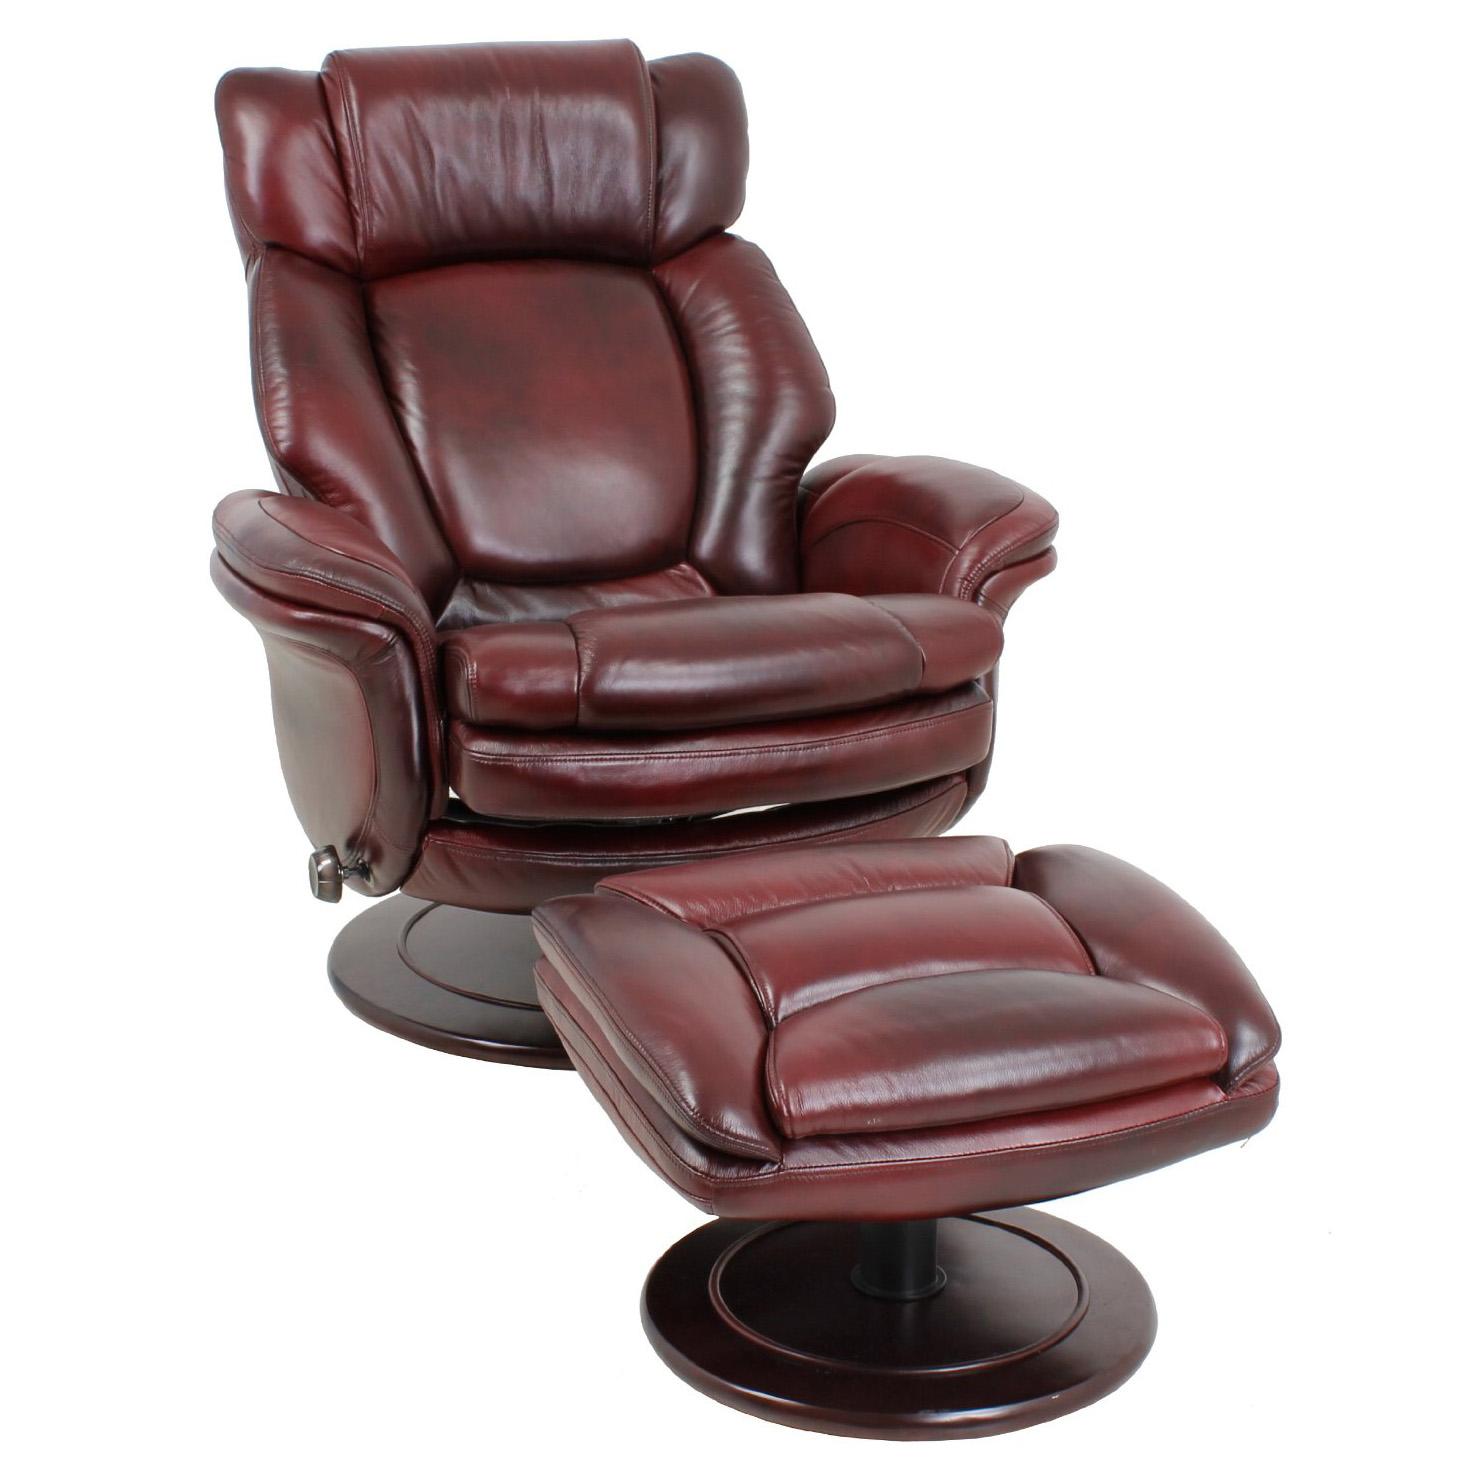 Barcalounger Lumina II Recliner Chair and Ottoman